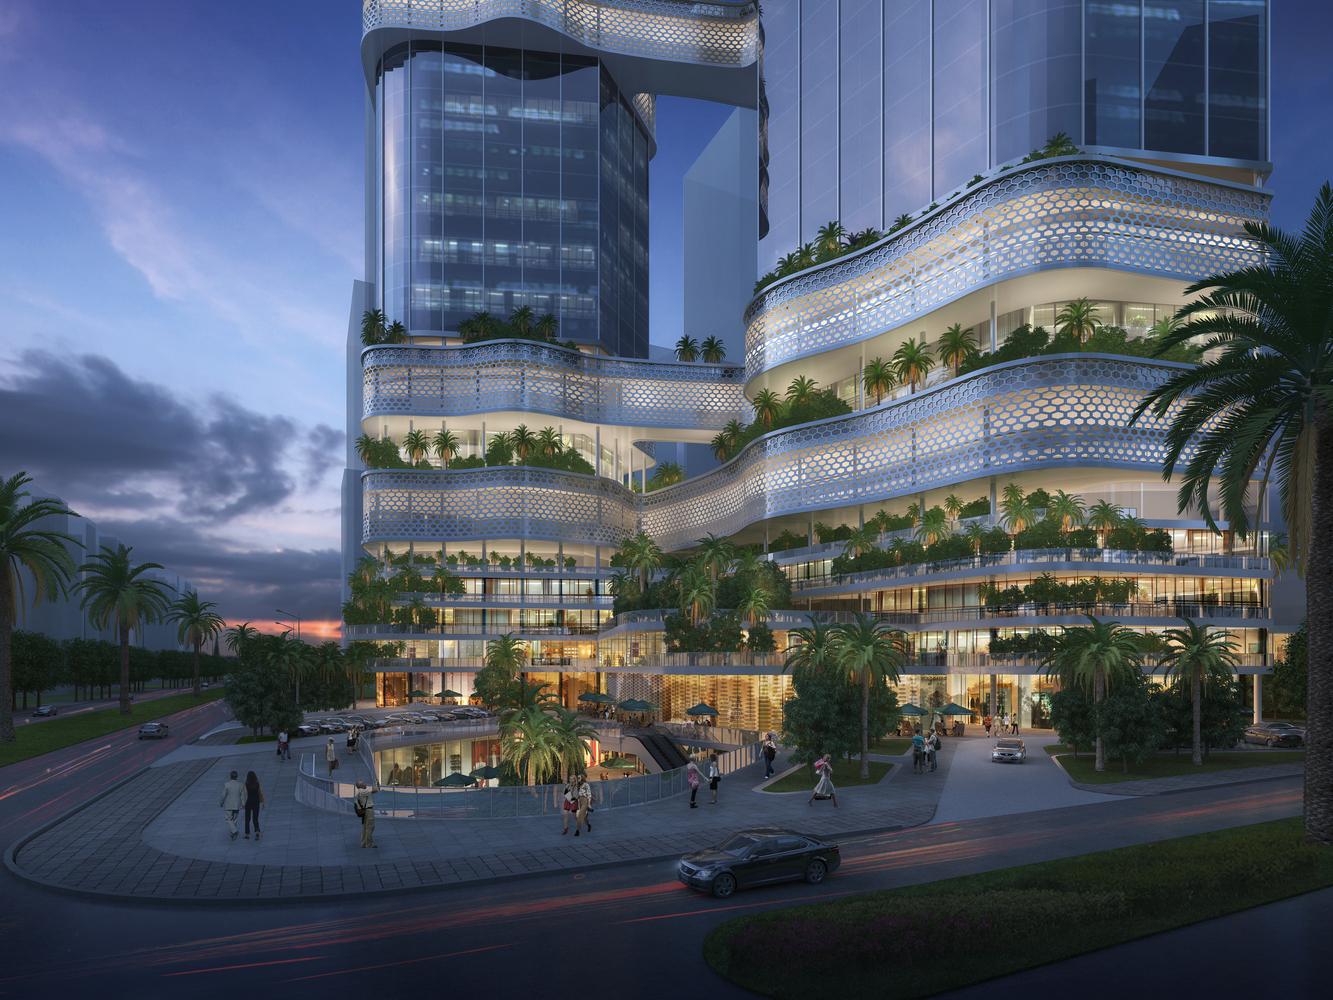 iCarbonX dévoile le design de son super quartier général à Shenzen